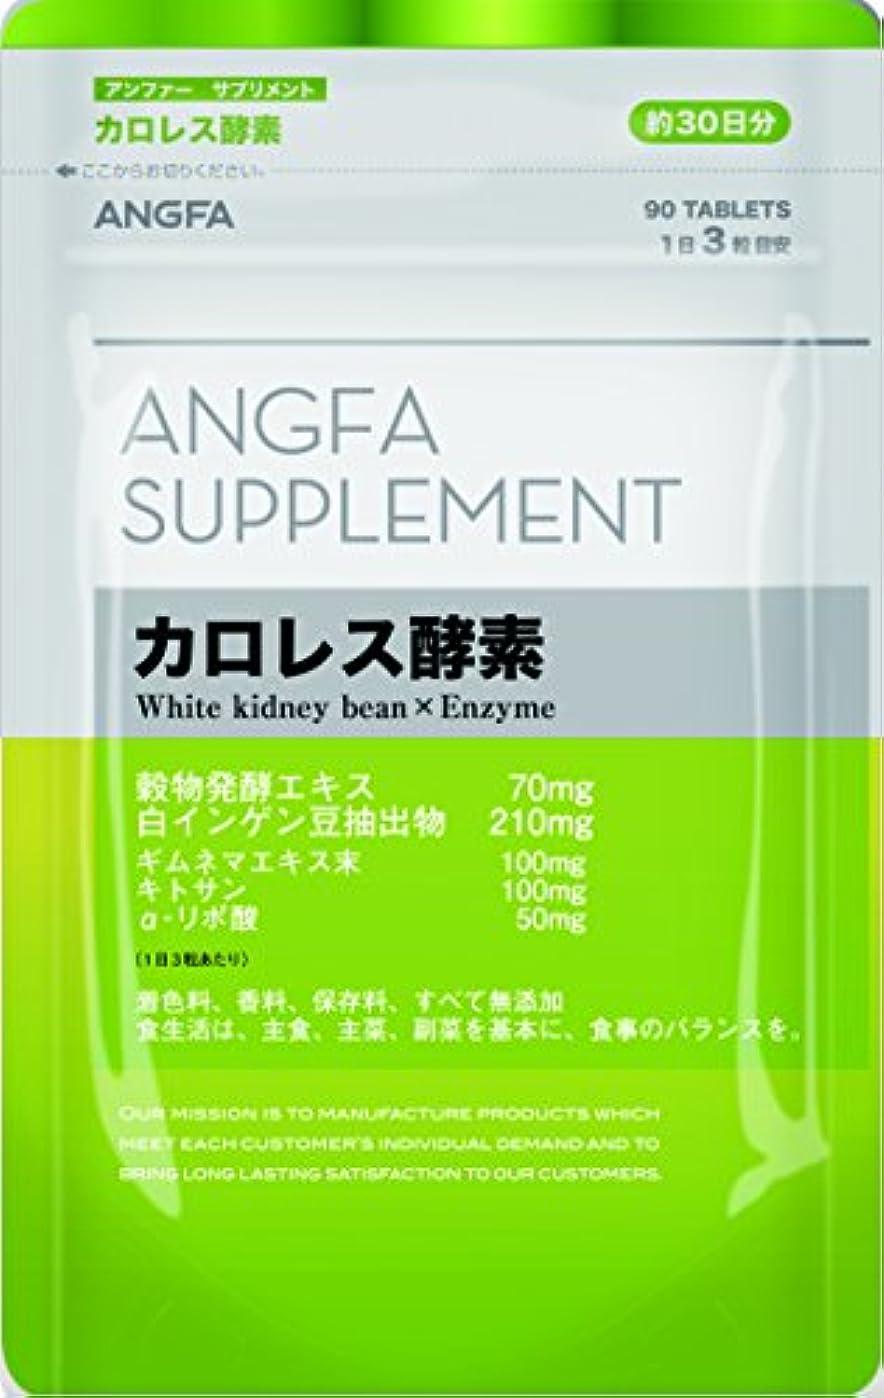 ワイヤー変色する無法者アンファー (ANGFA) サプリメント カロレス酵素 90粒 ダイエットサポート サプリメント